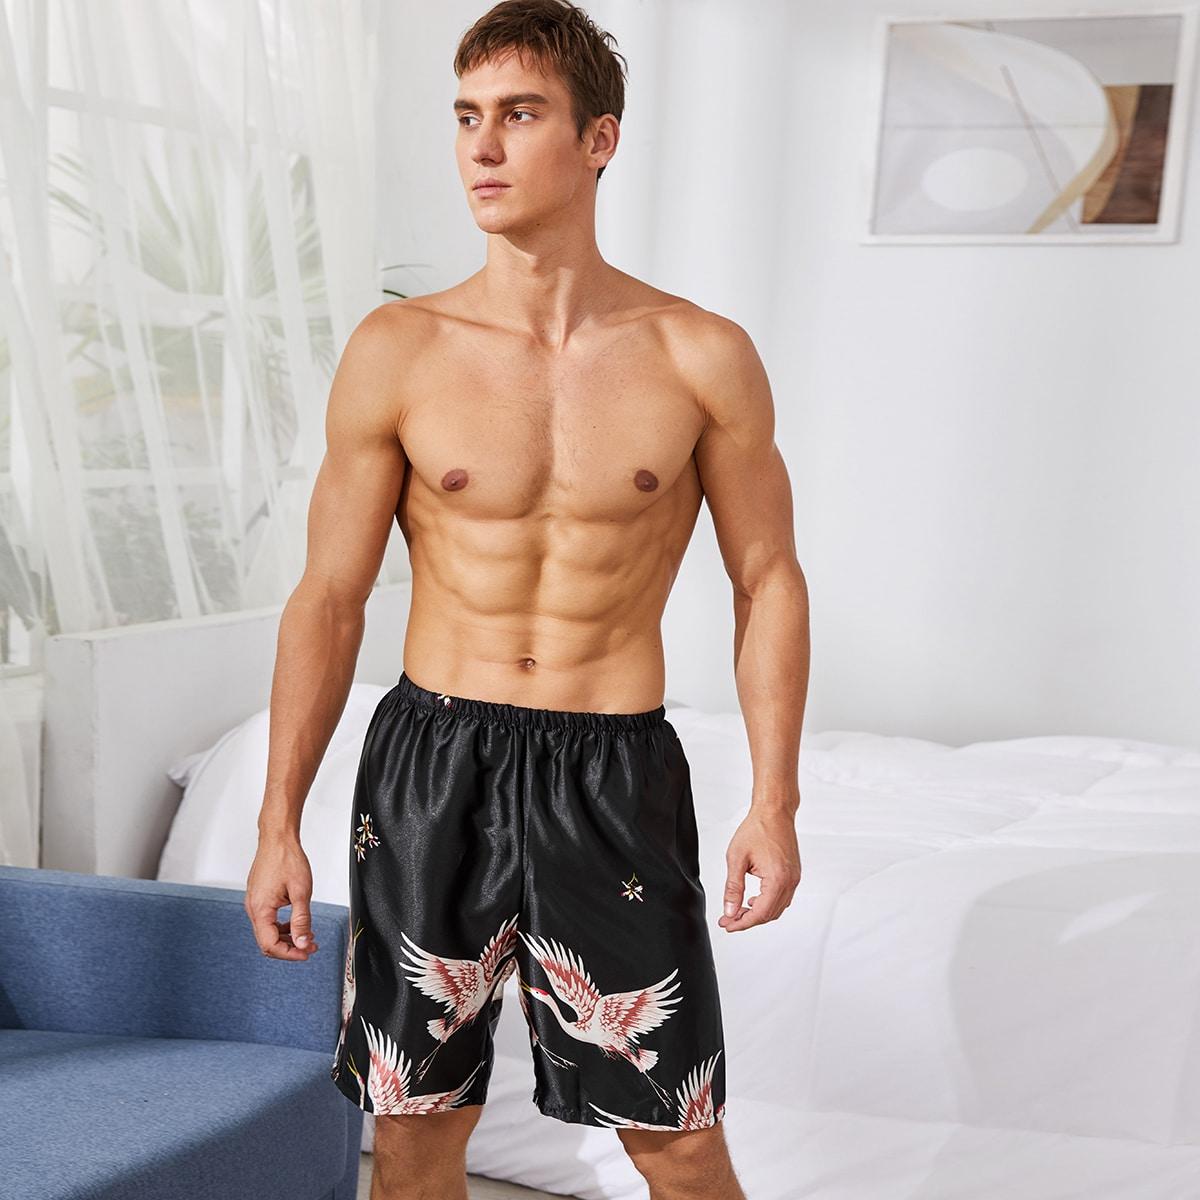 Мужские атласные шорты для сна с принтом журавля фото